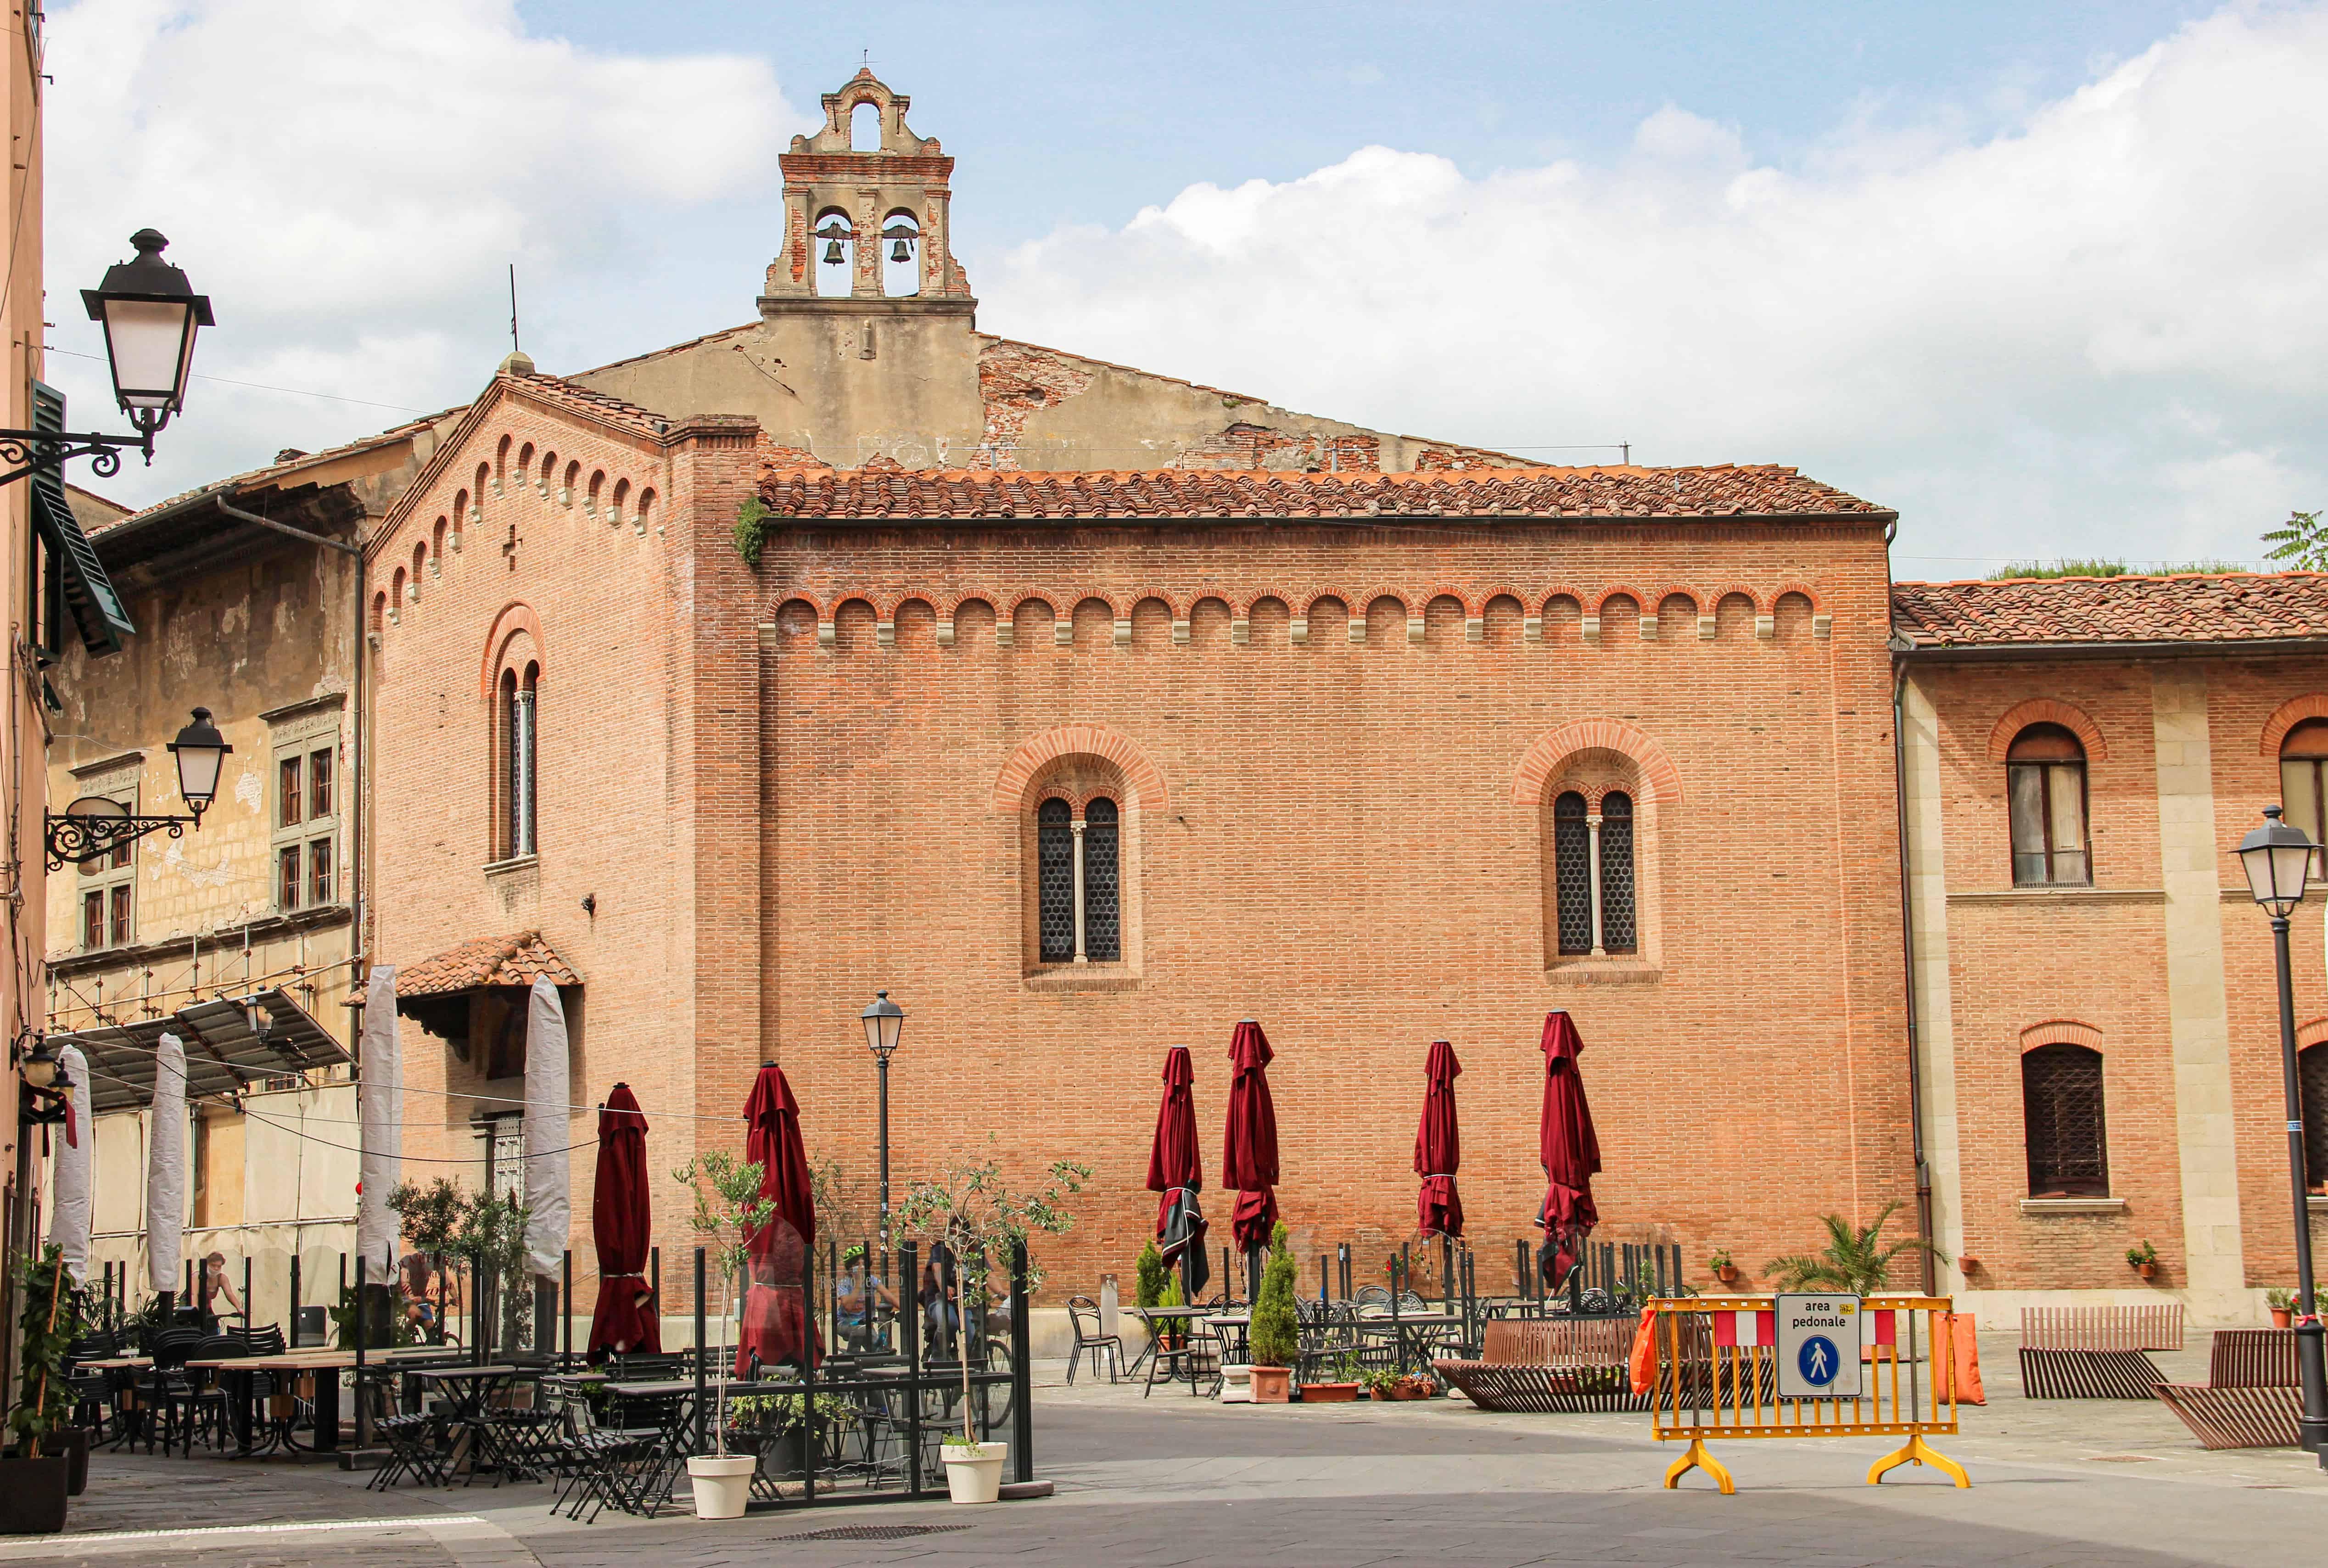 Chiesa di San Giorgio dei Tedeschi (G. Bettini, Comune di Pisa)